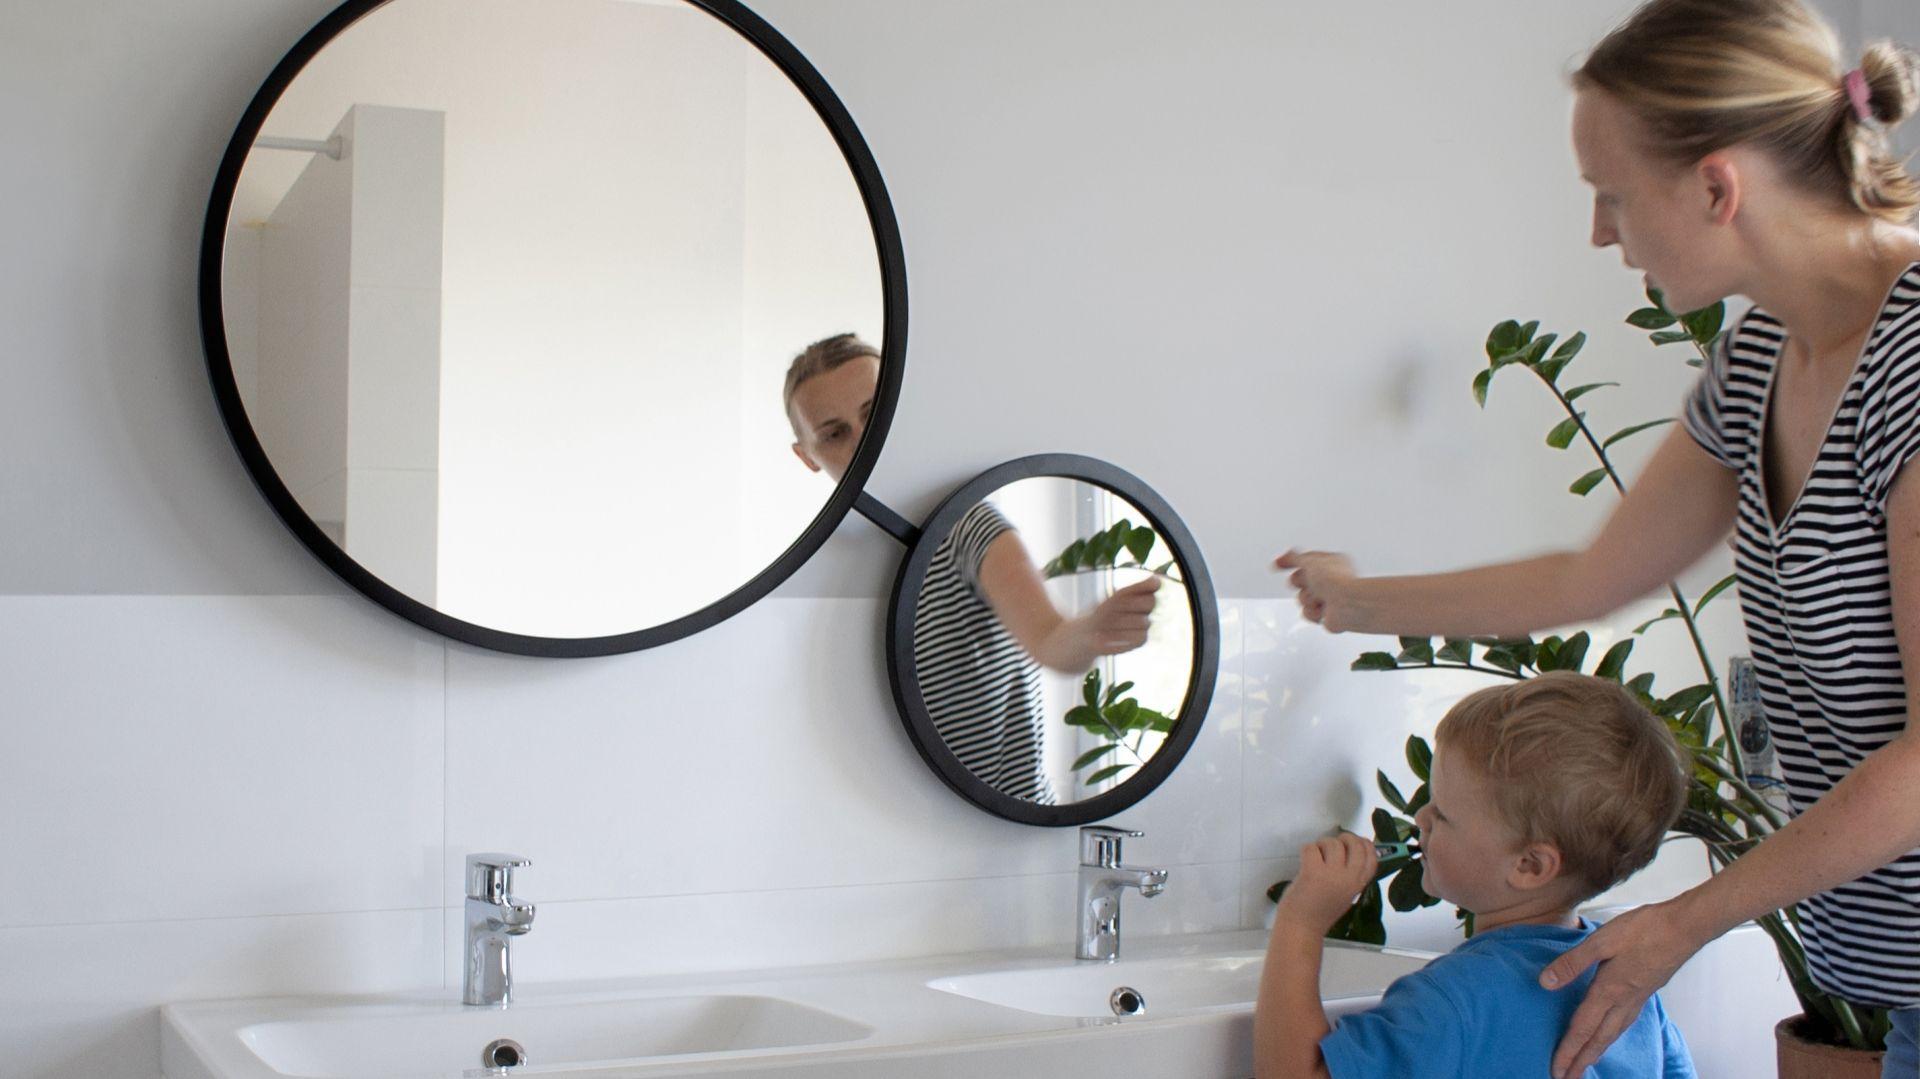 Scandi Duo - podwójne lustro łazienkowe z mechanizmem obrotowym - dla dużych i małych/GieraDesign. Produkt zgłoszony do konkursu Dobry Design 2019.